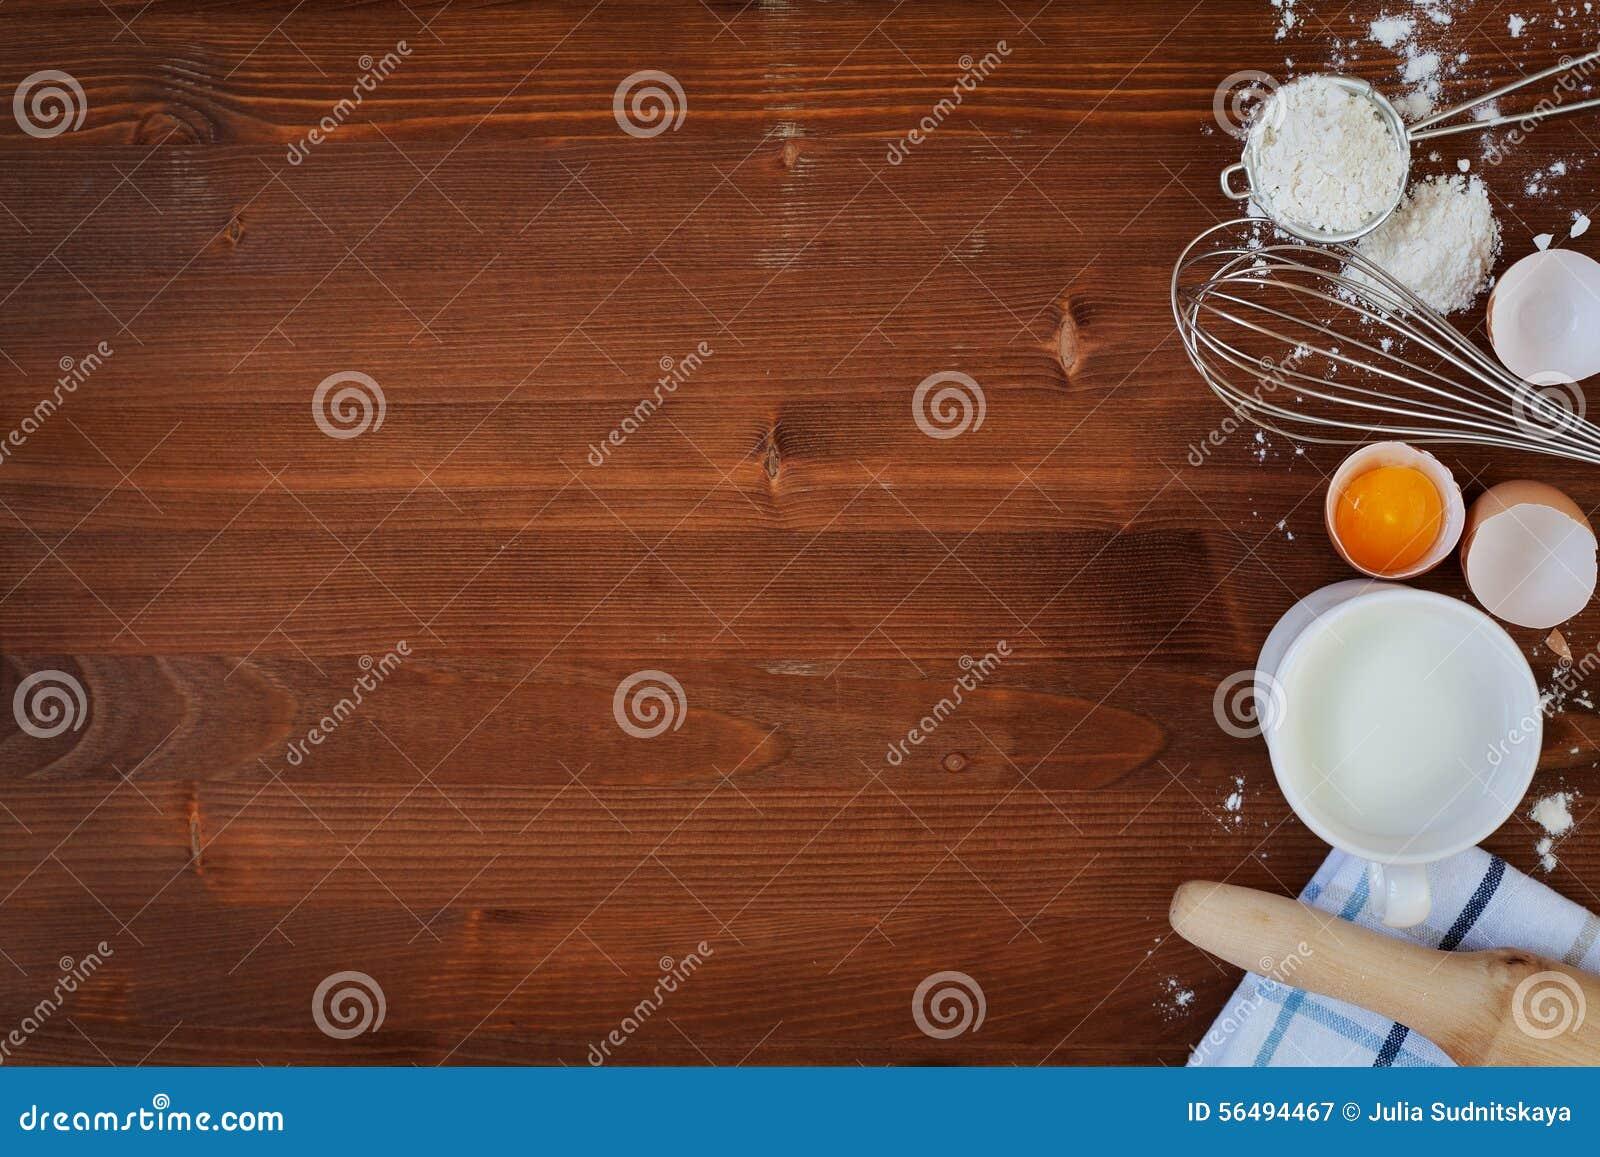 De ingrediënten voor bakseldeeg met inbegrip van bloem, eieren, melk, zwaaien en deegrol op houten rustieke achtergrond